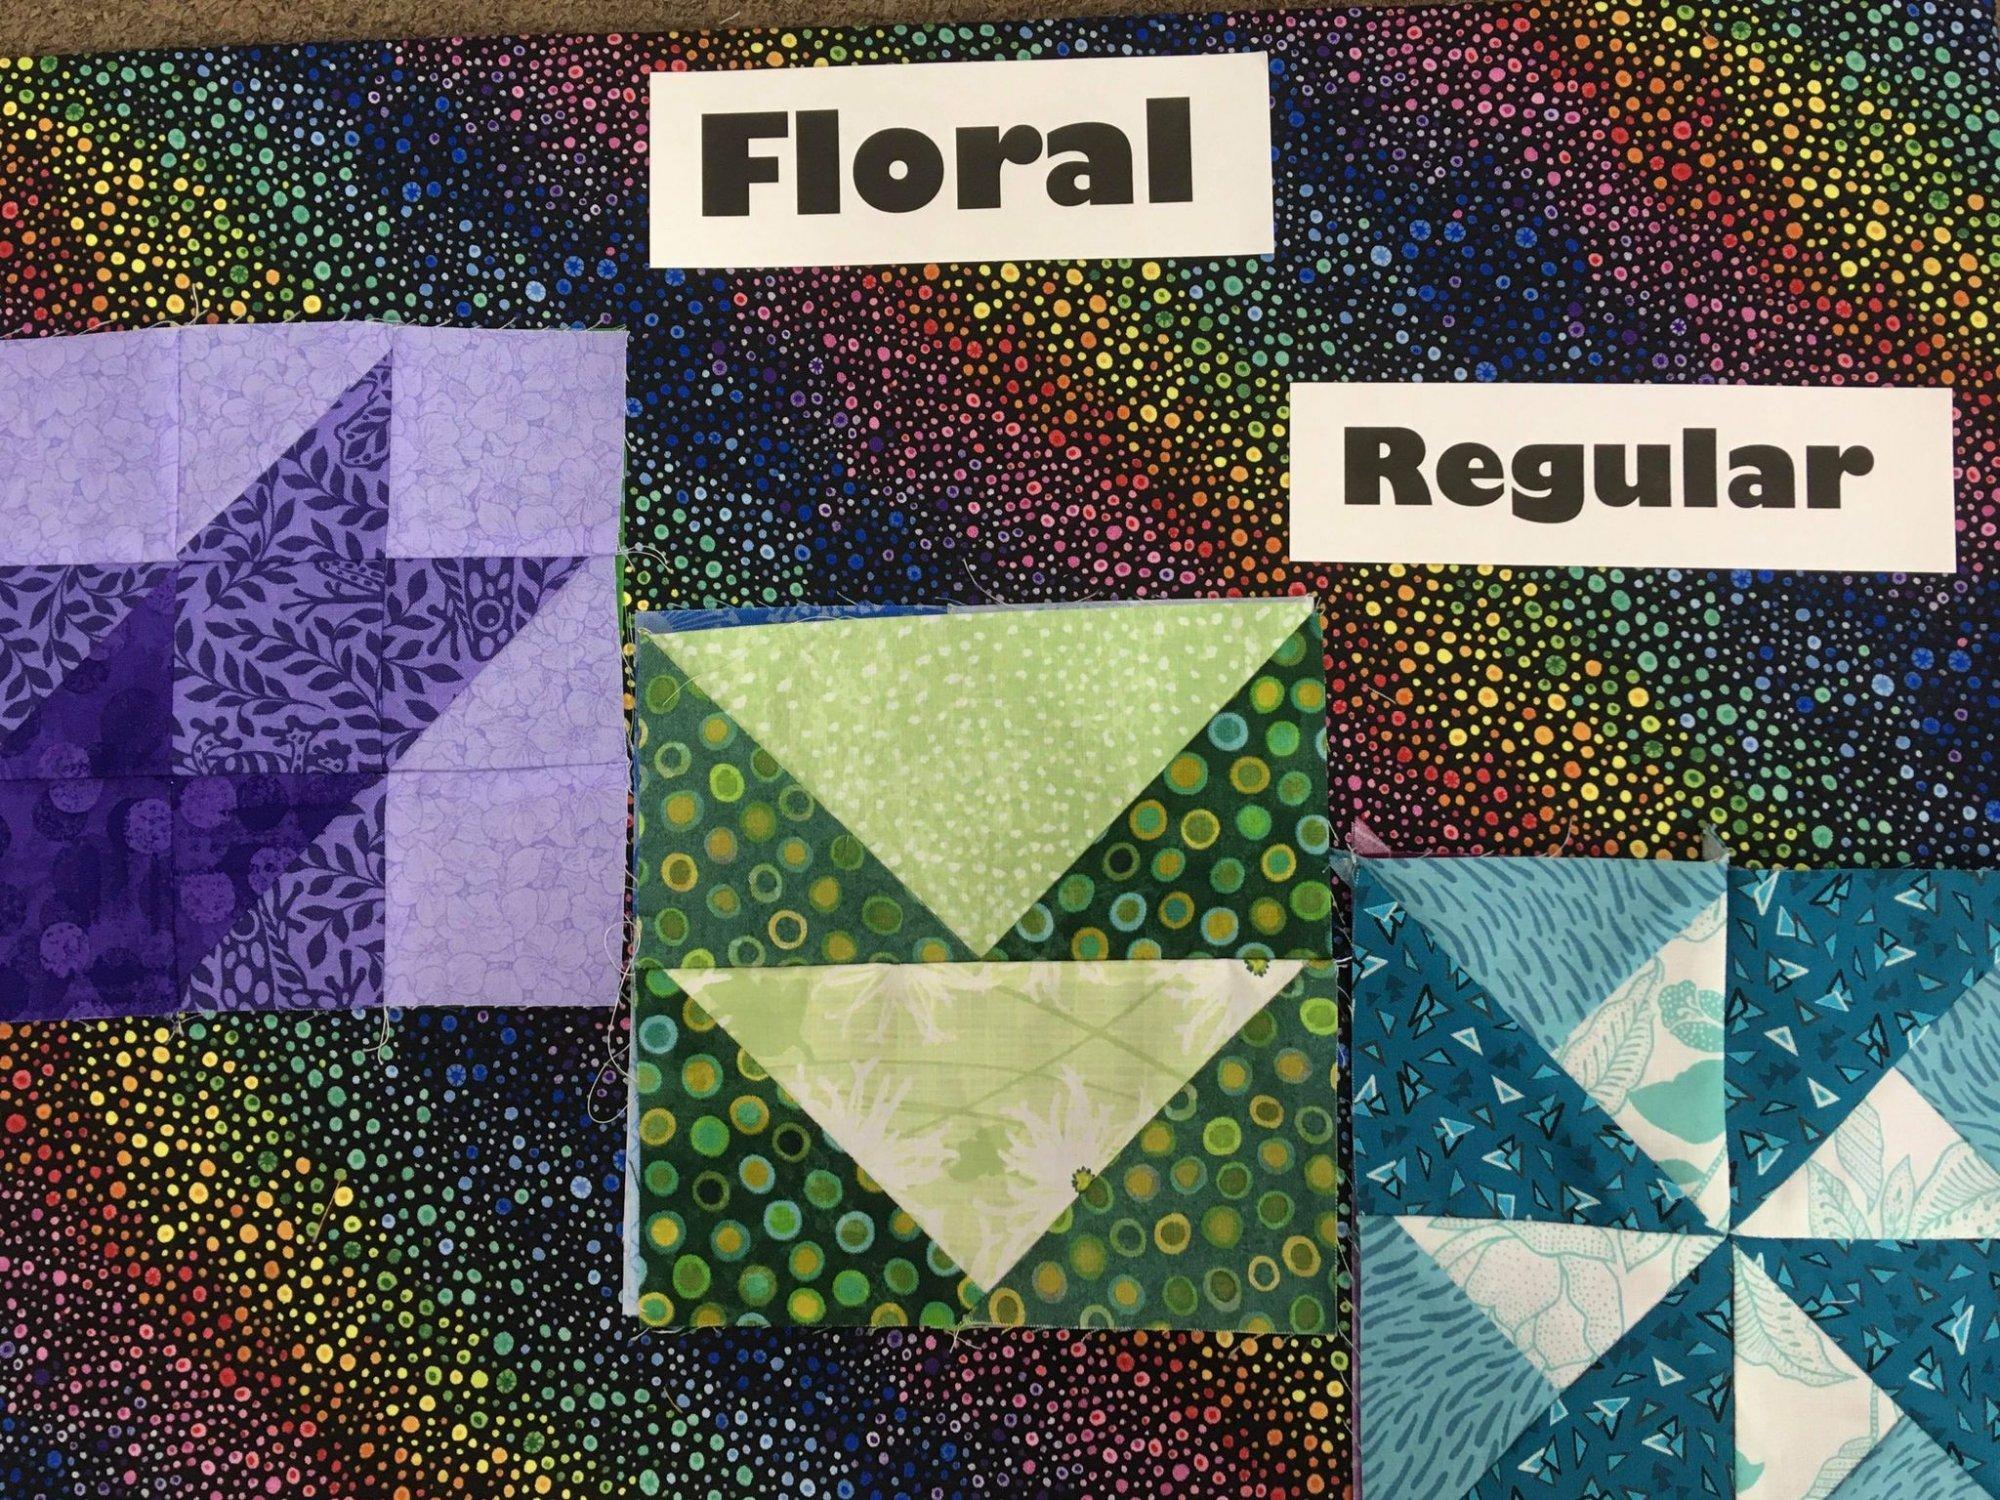 September Floral Regular